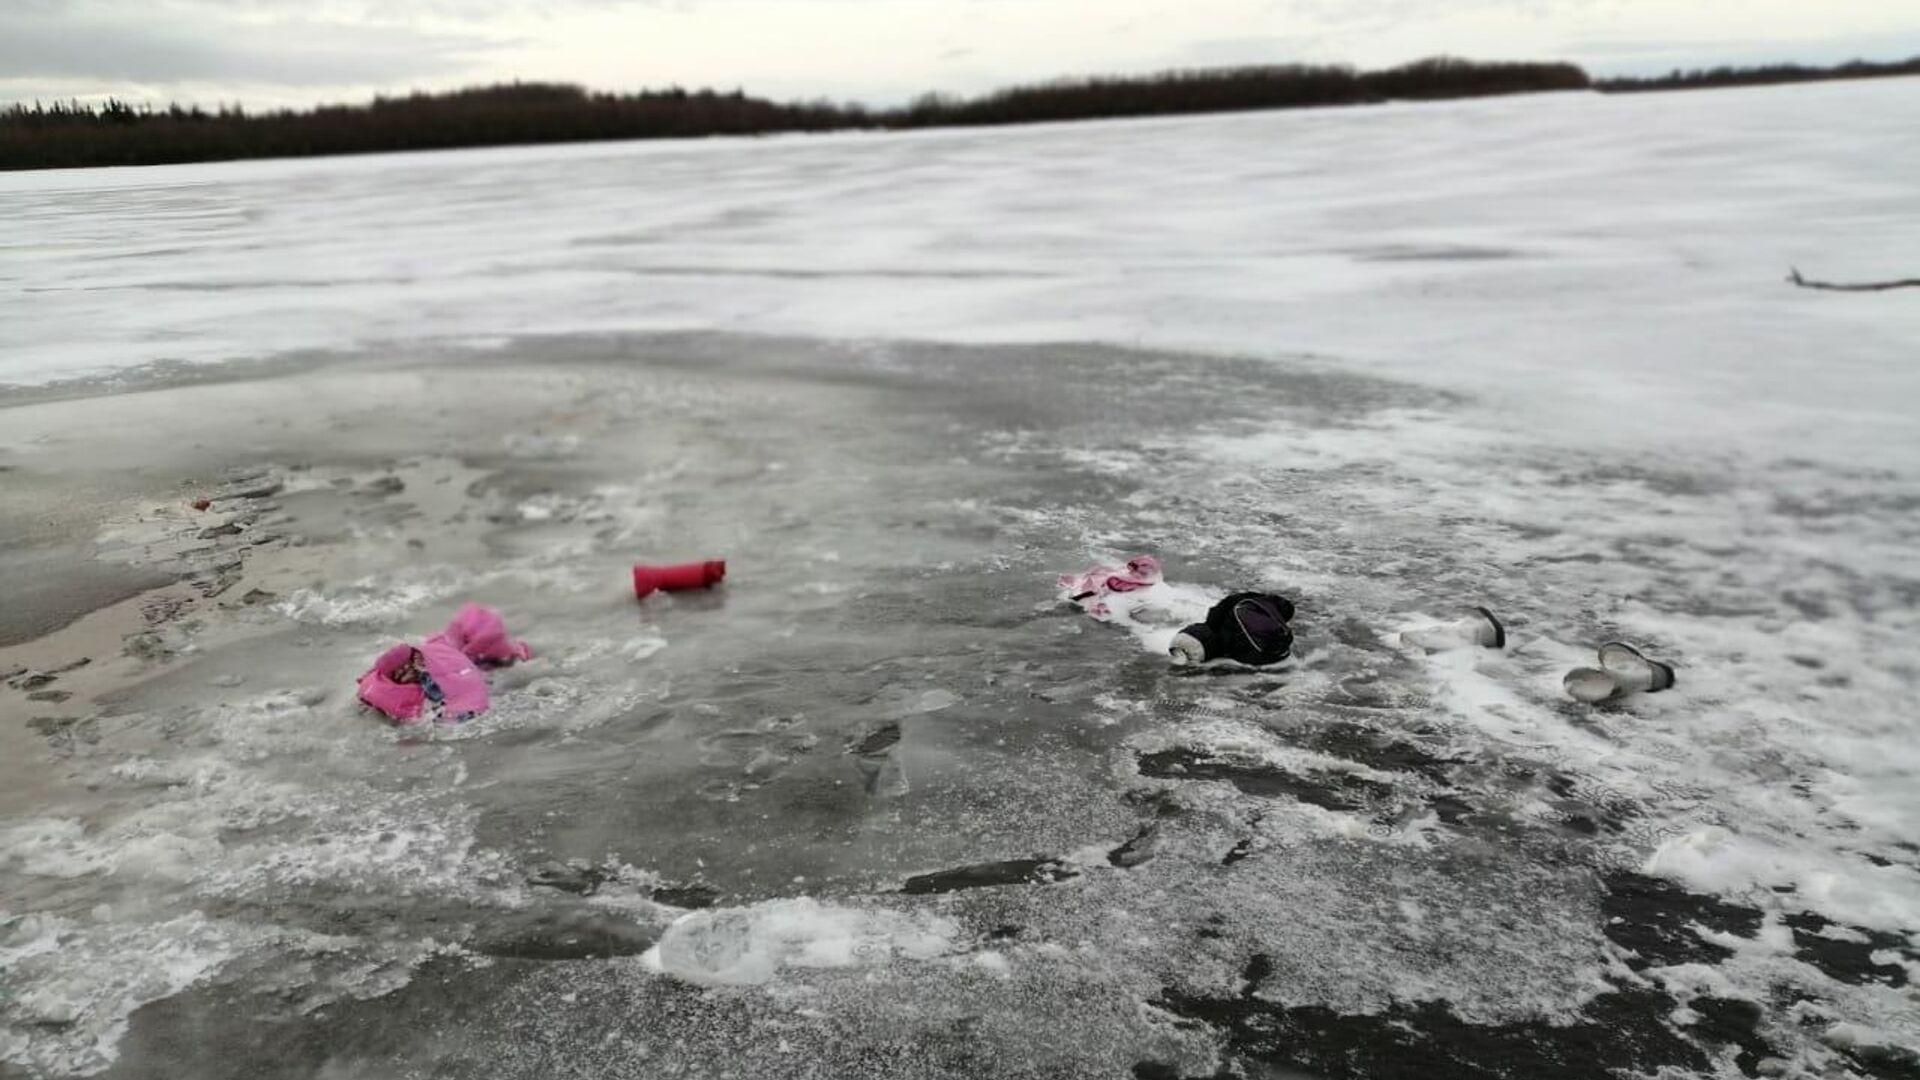 Девочка, спасенная из ушедшей под лед машины в Югре, пошла на поправку